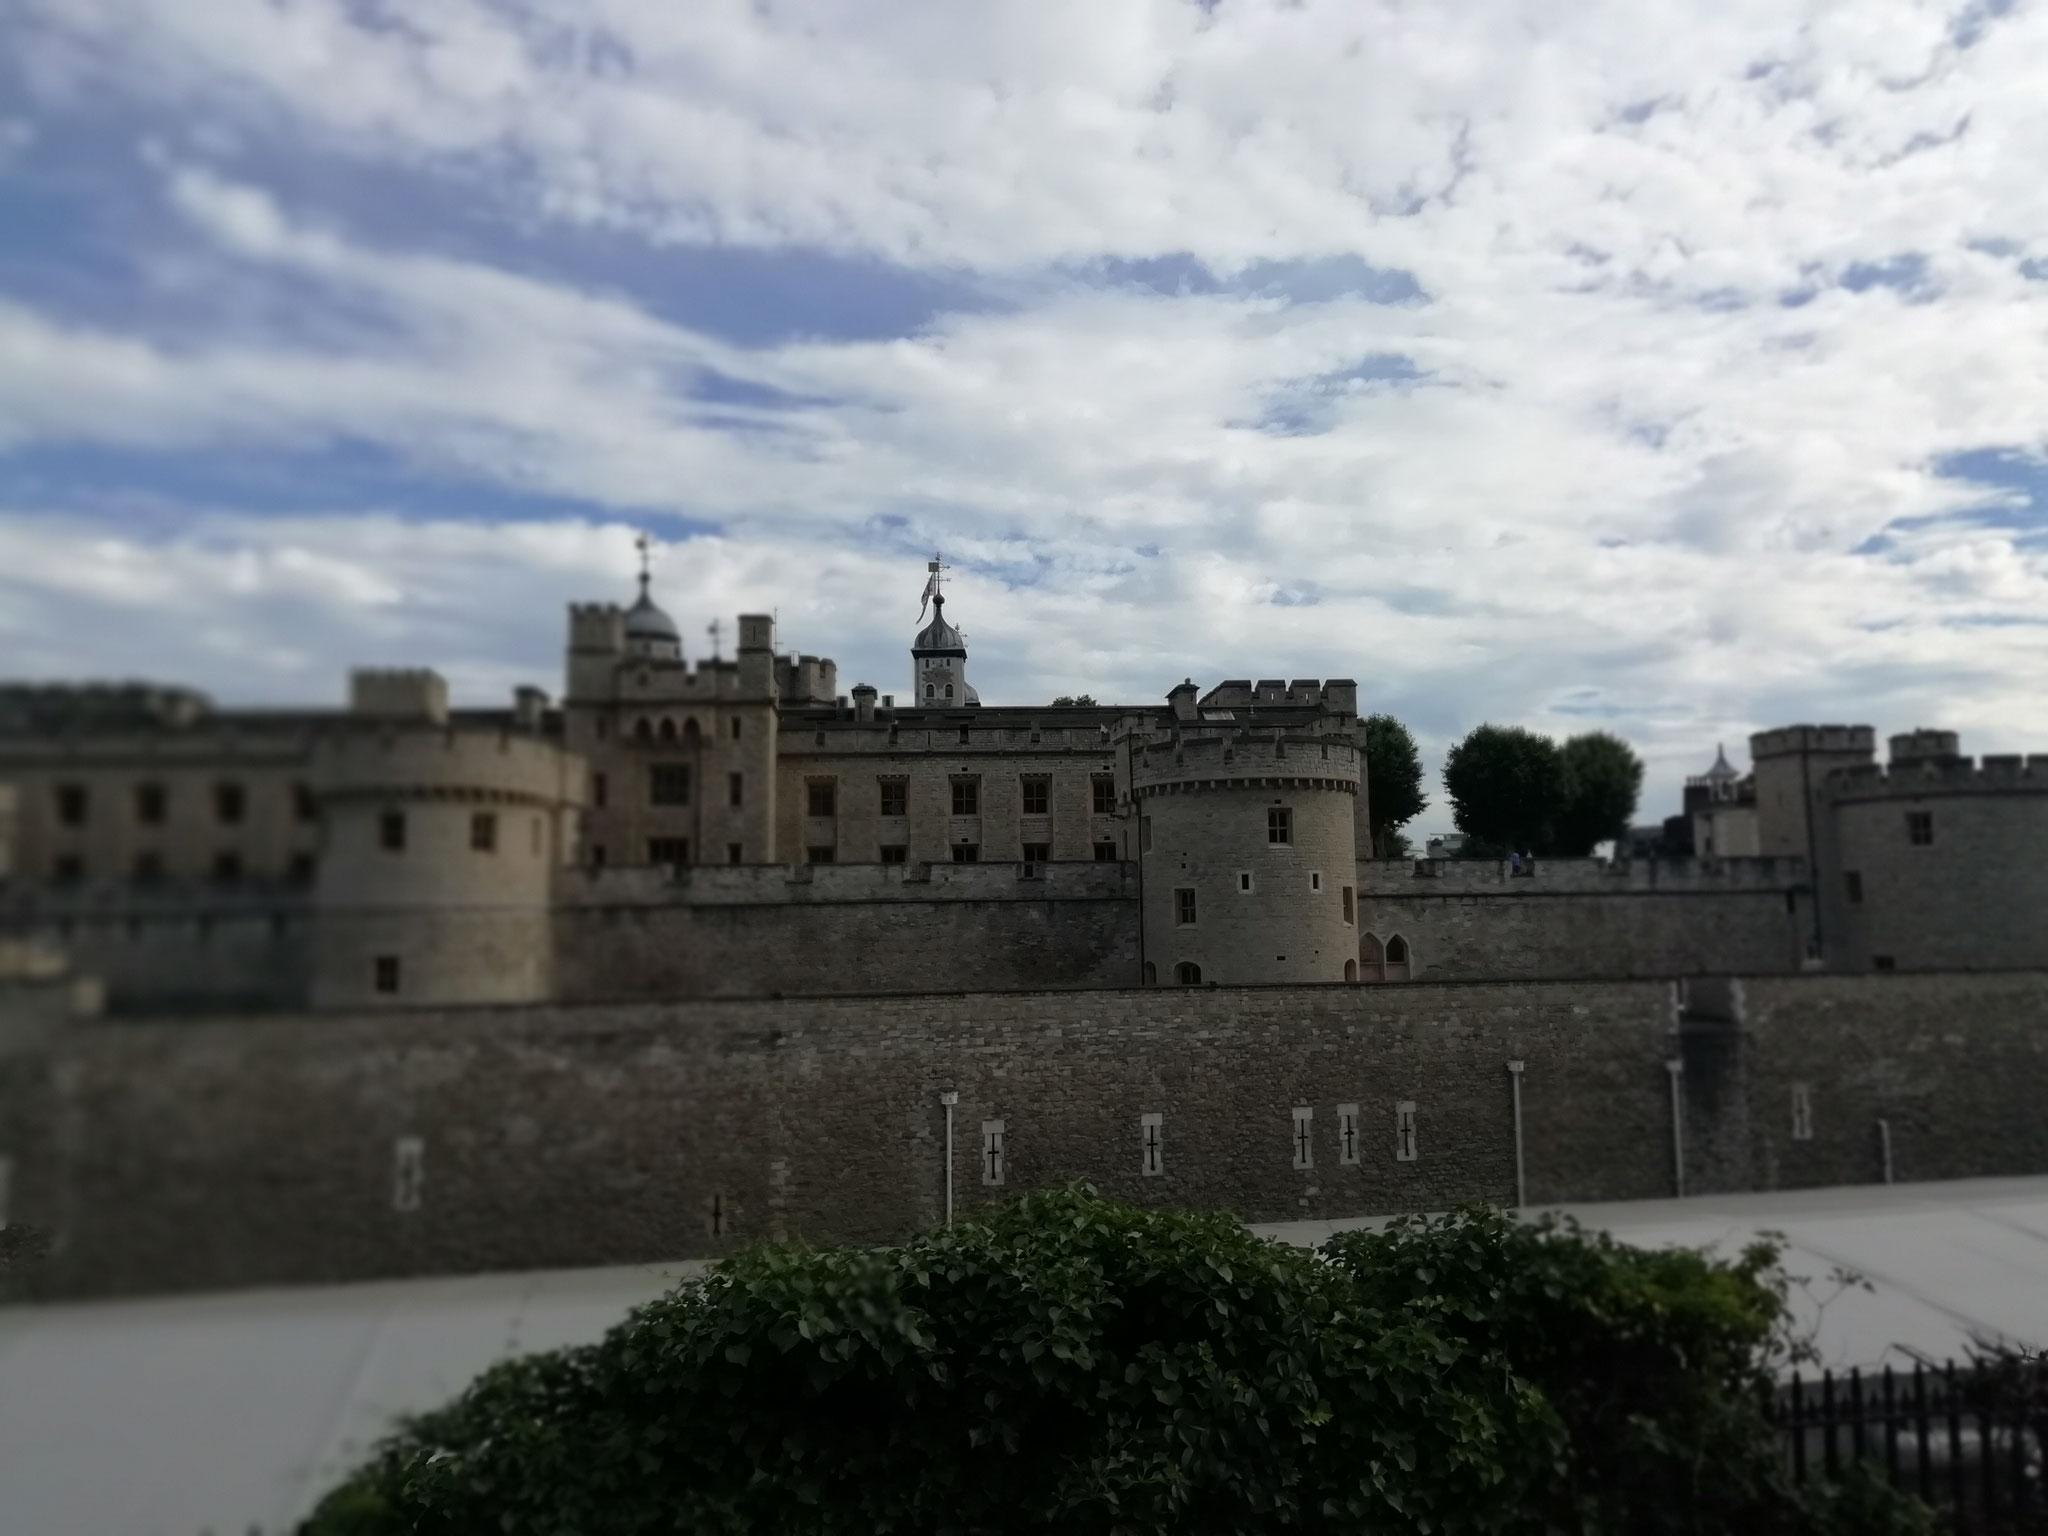 Der Londoner Tower in seiner ganzen Pracht!